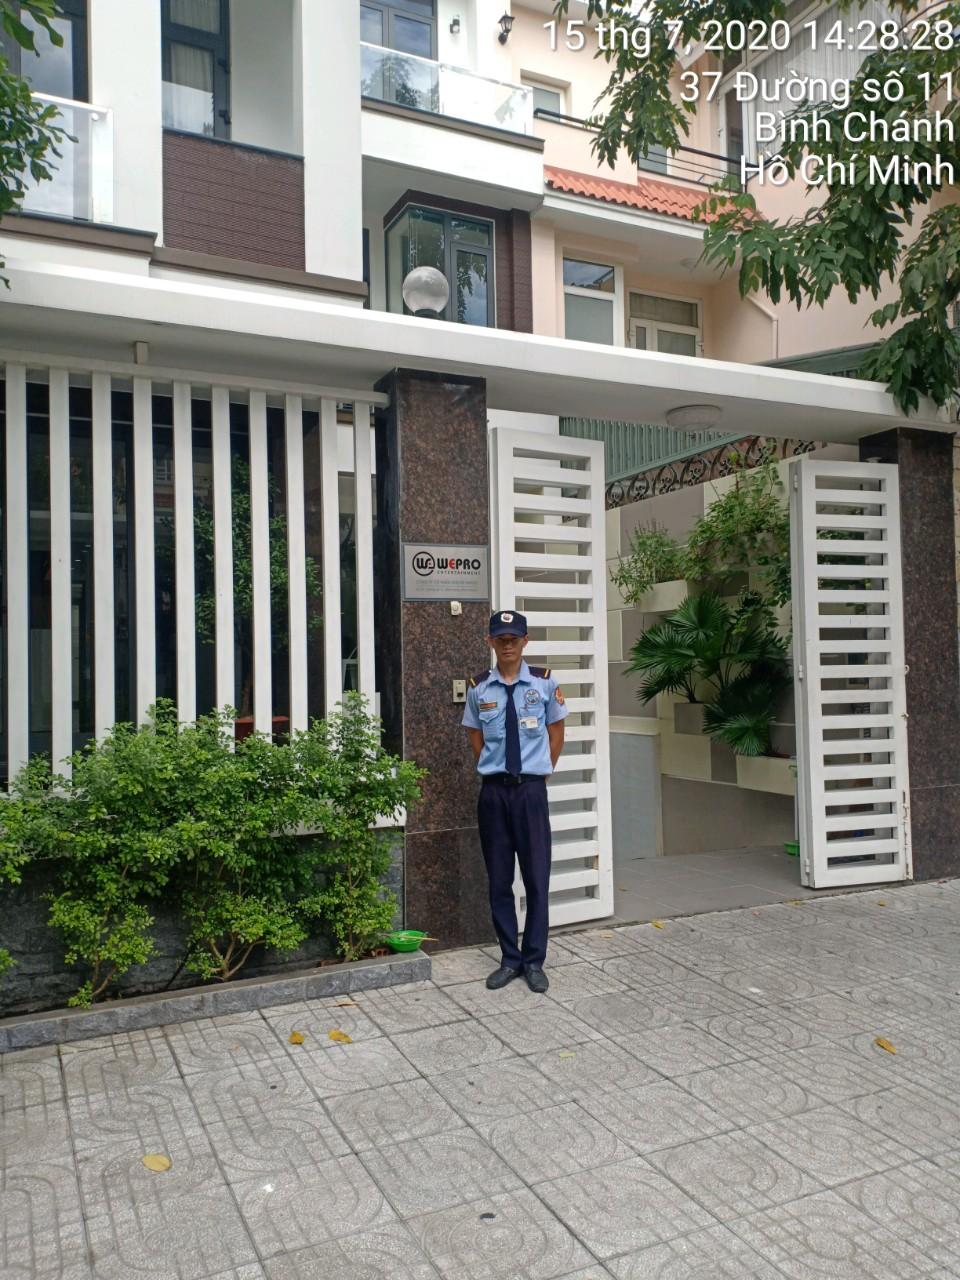 Dịch vụ bảo vệ giá rẻ Đà Nẵng